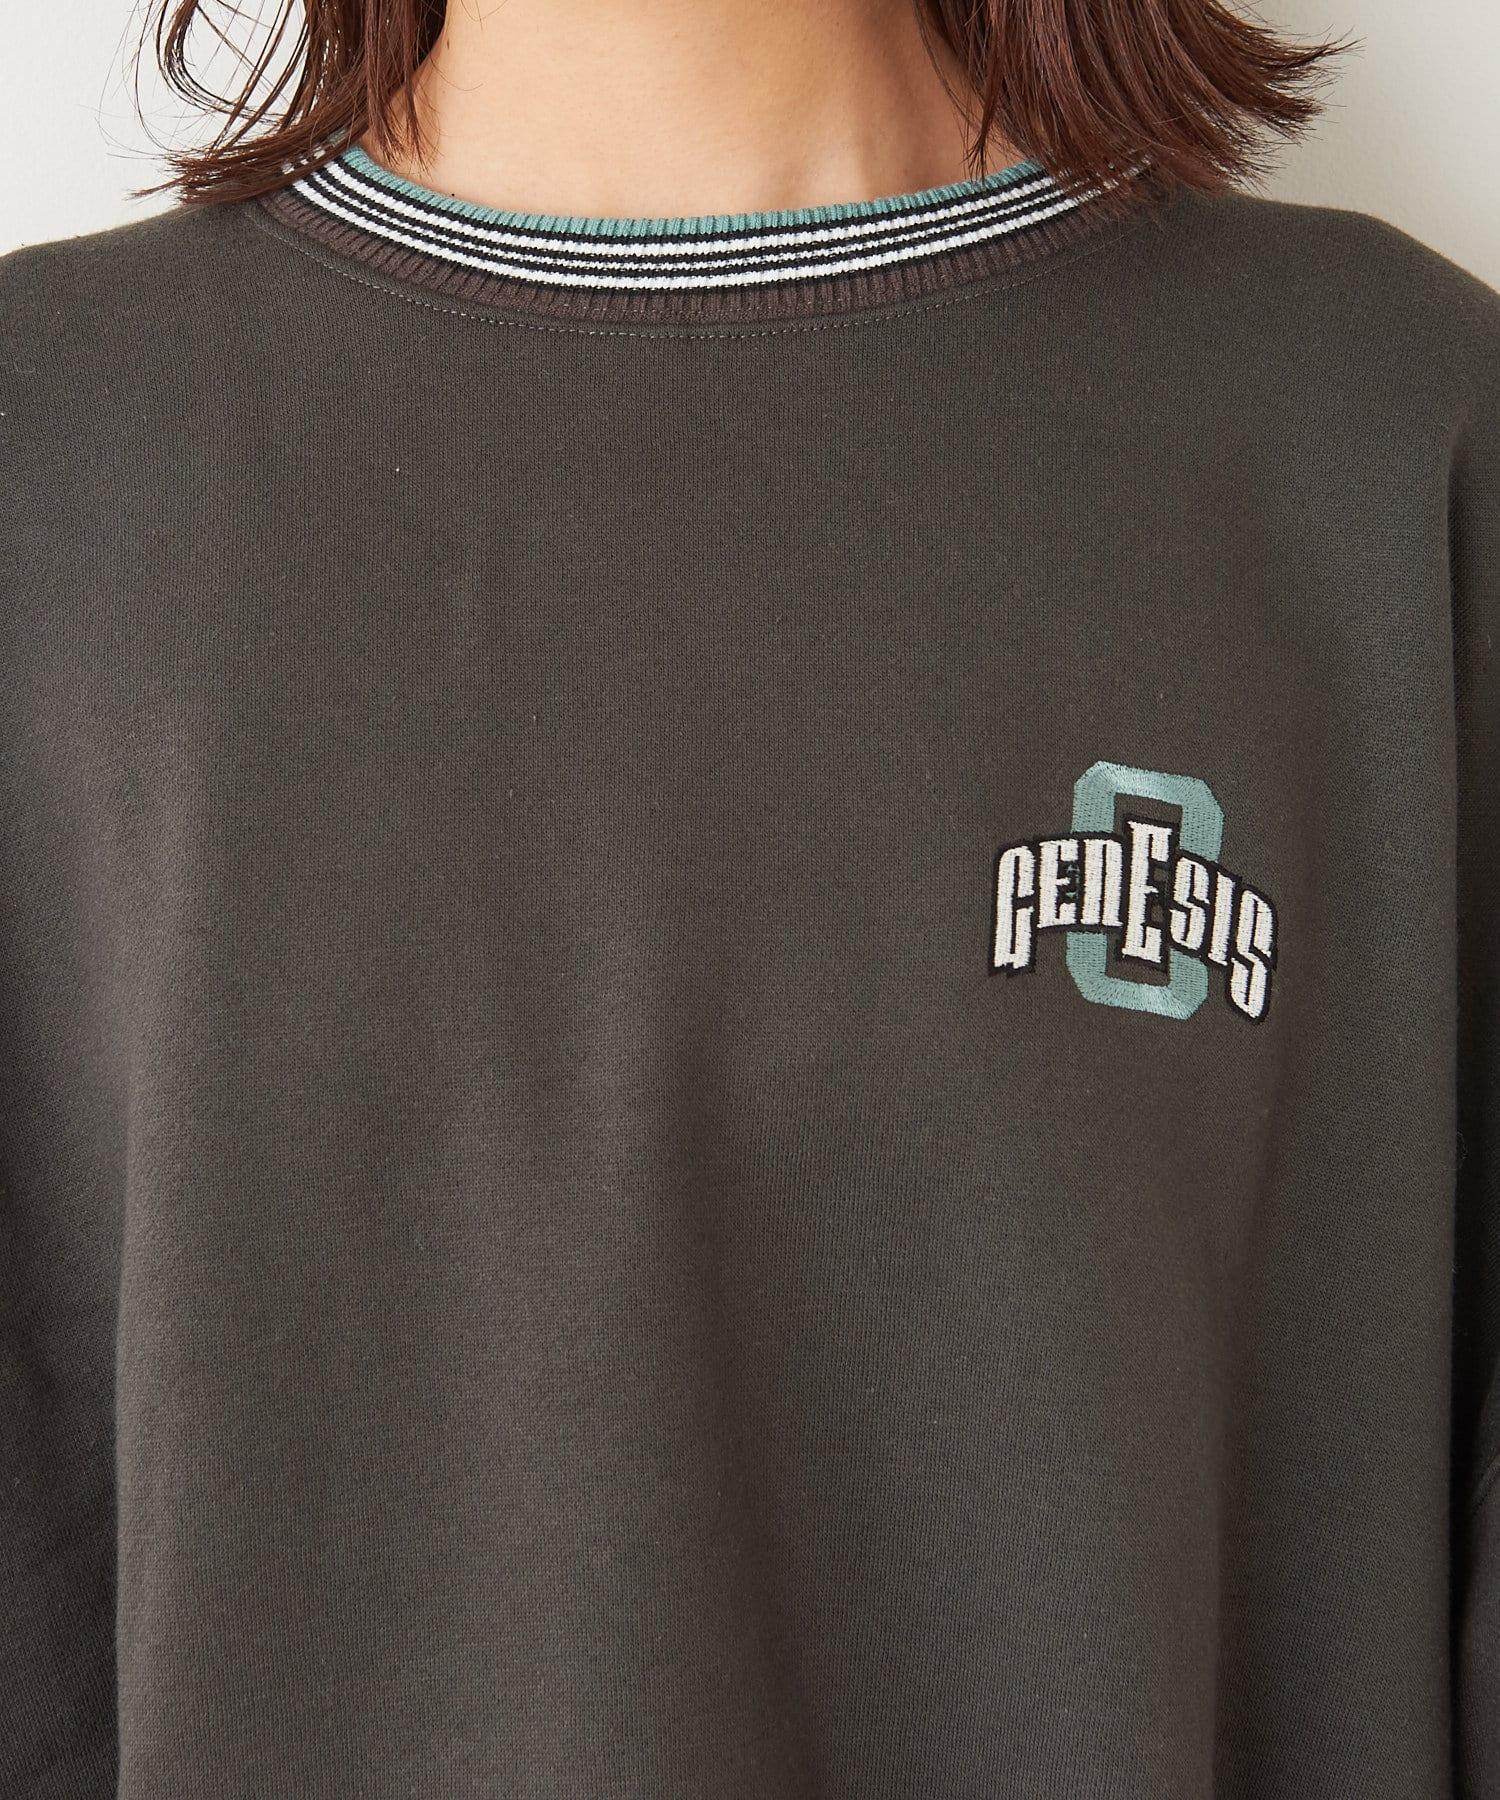 NICE CLAUP OUTLET(ナイスクラップ アウトレット) ロゴ刺繍ラインリブボリューム袖PO